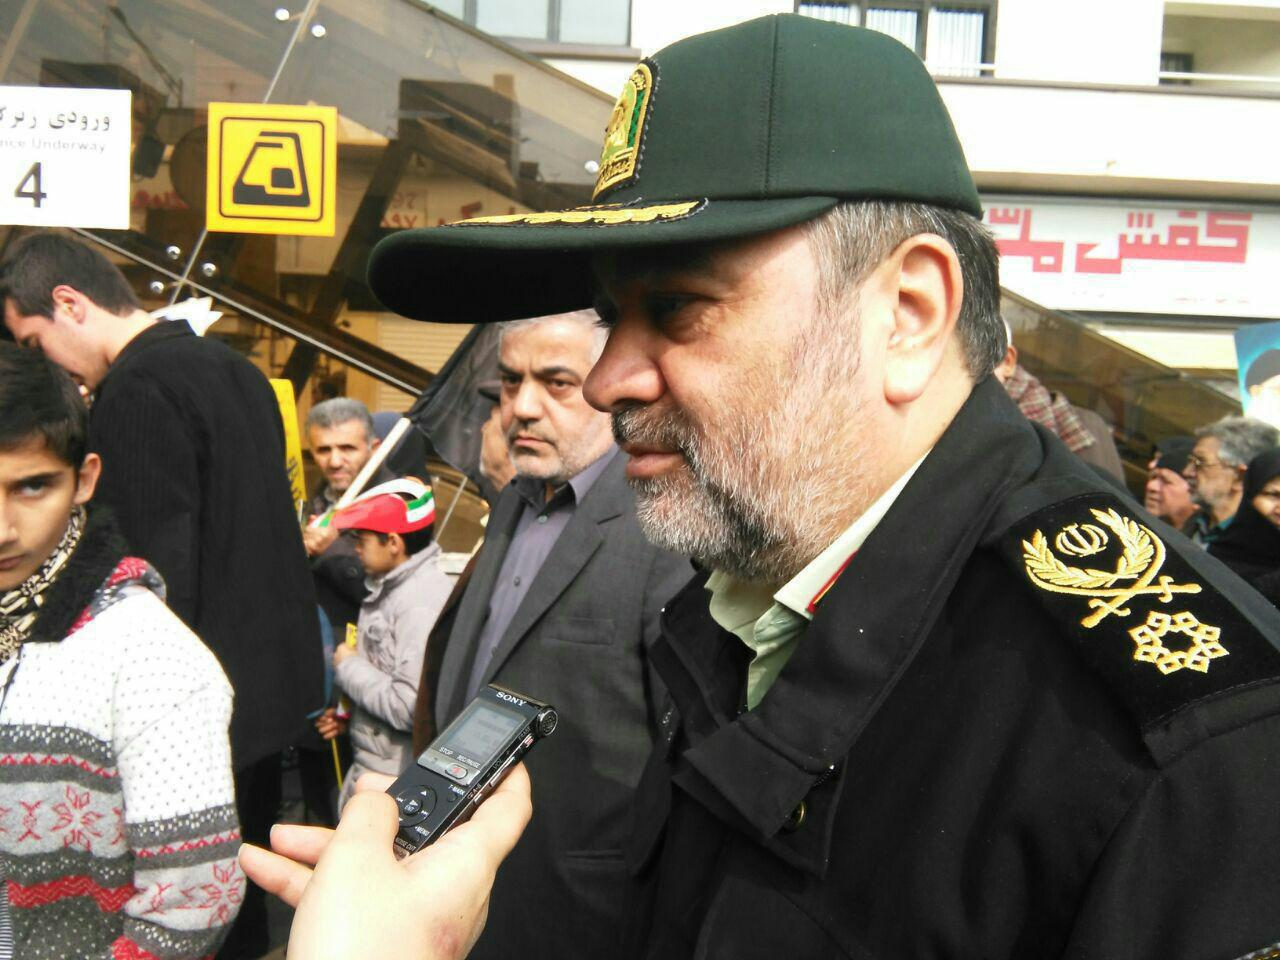 حضور پرشور مردم و مسئولان انقل در یومالله 22 بهمن/ ایرانی از تهدید نمیترسد/ ملت ایران پاسخ ترامپ را دادند